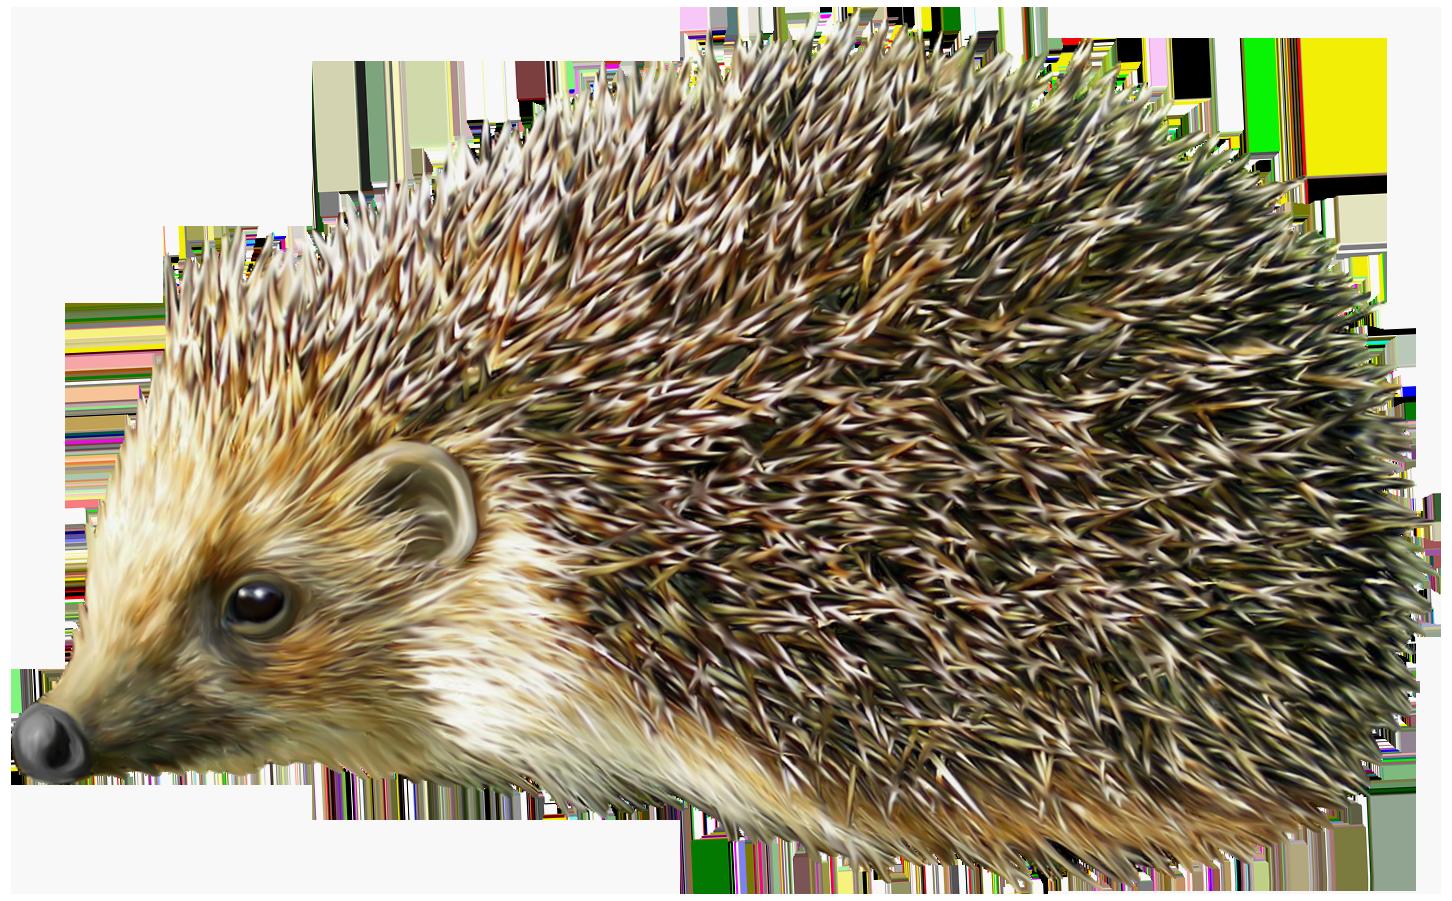 Png best web. Clipart sleeping hedgehog